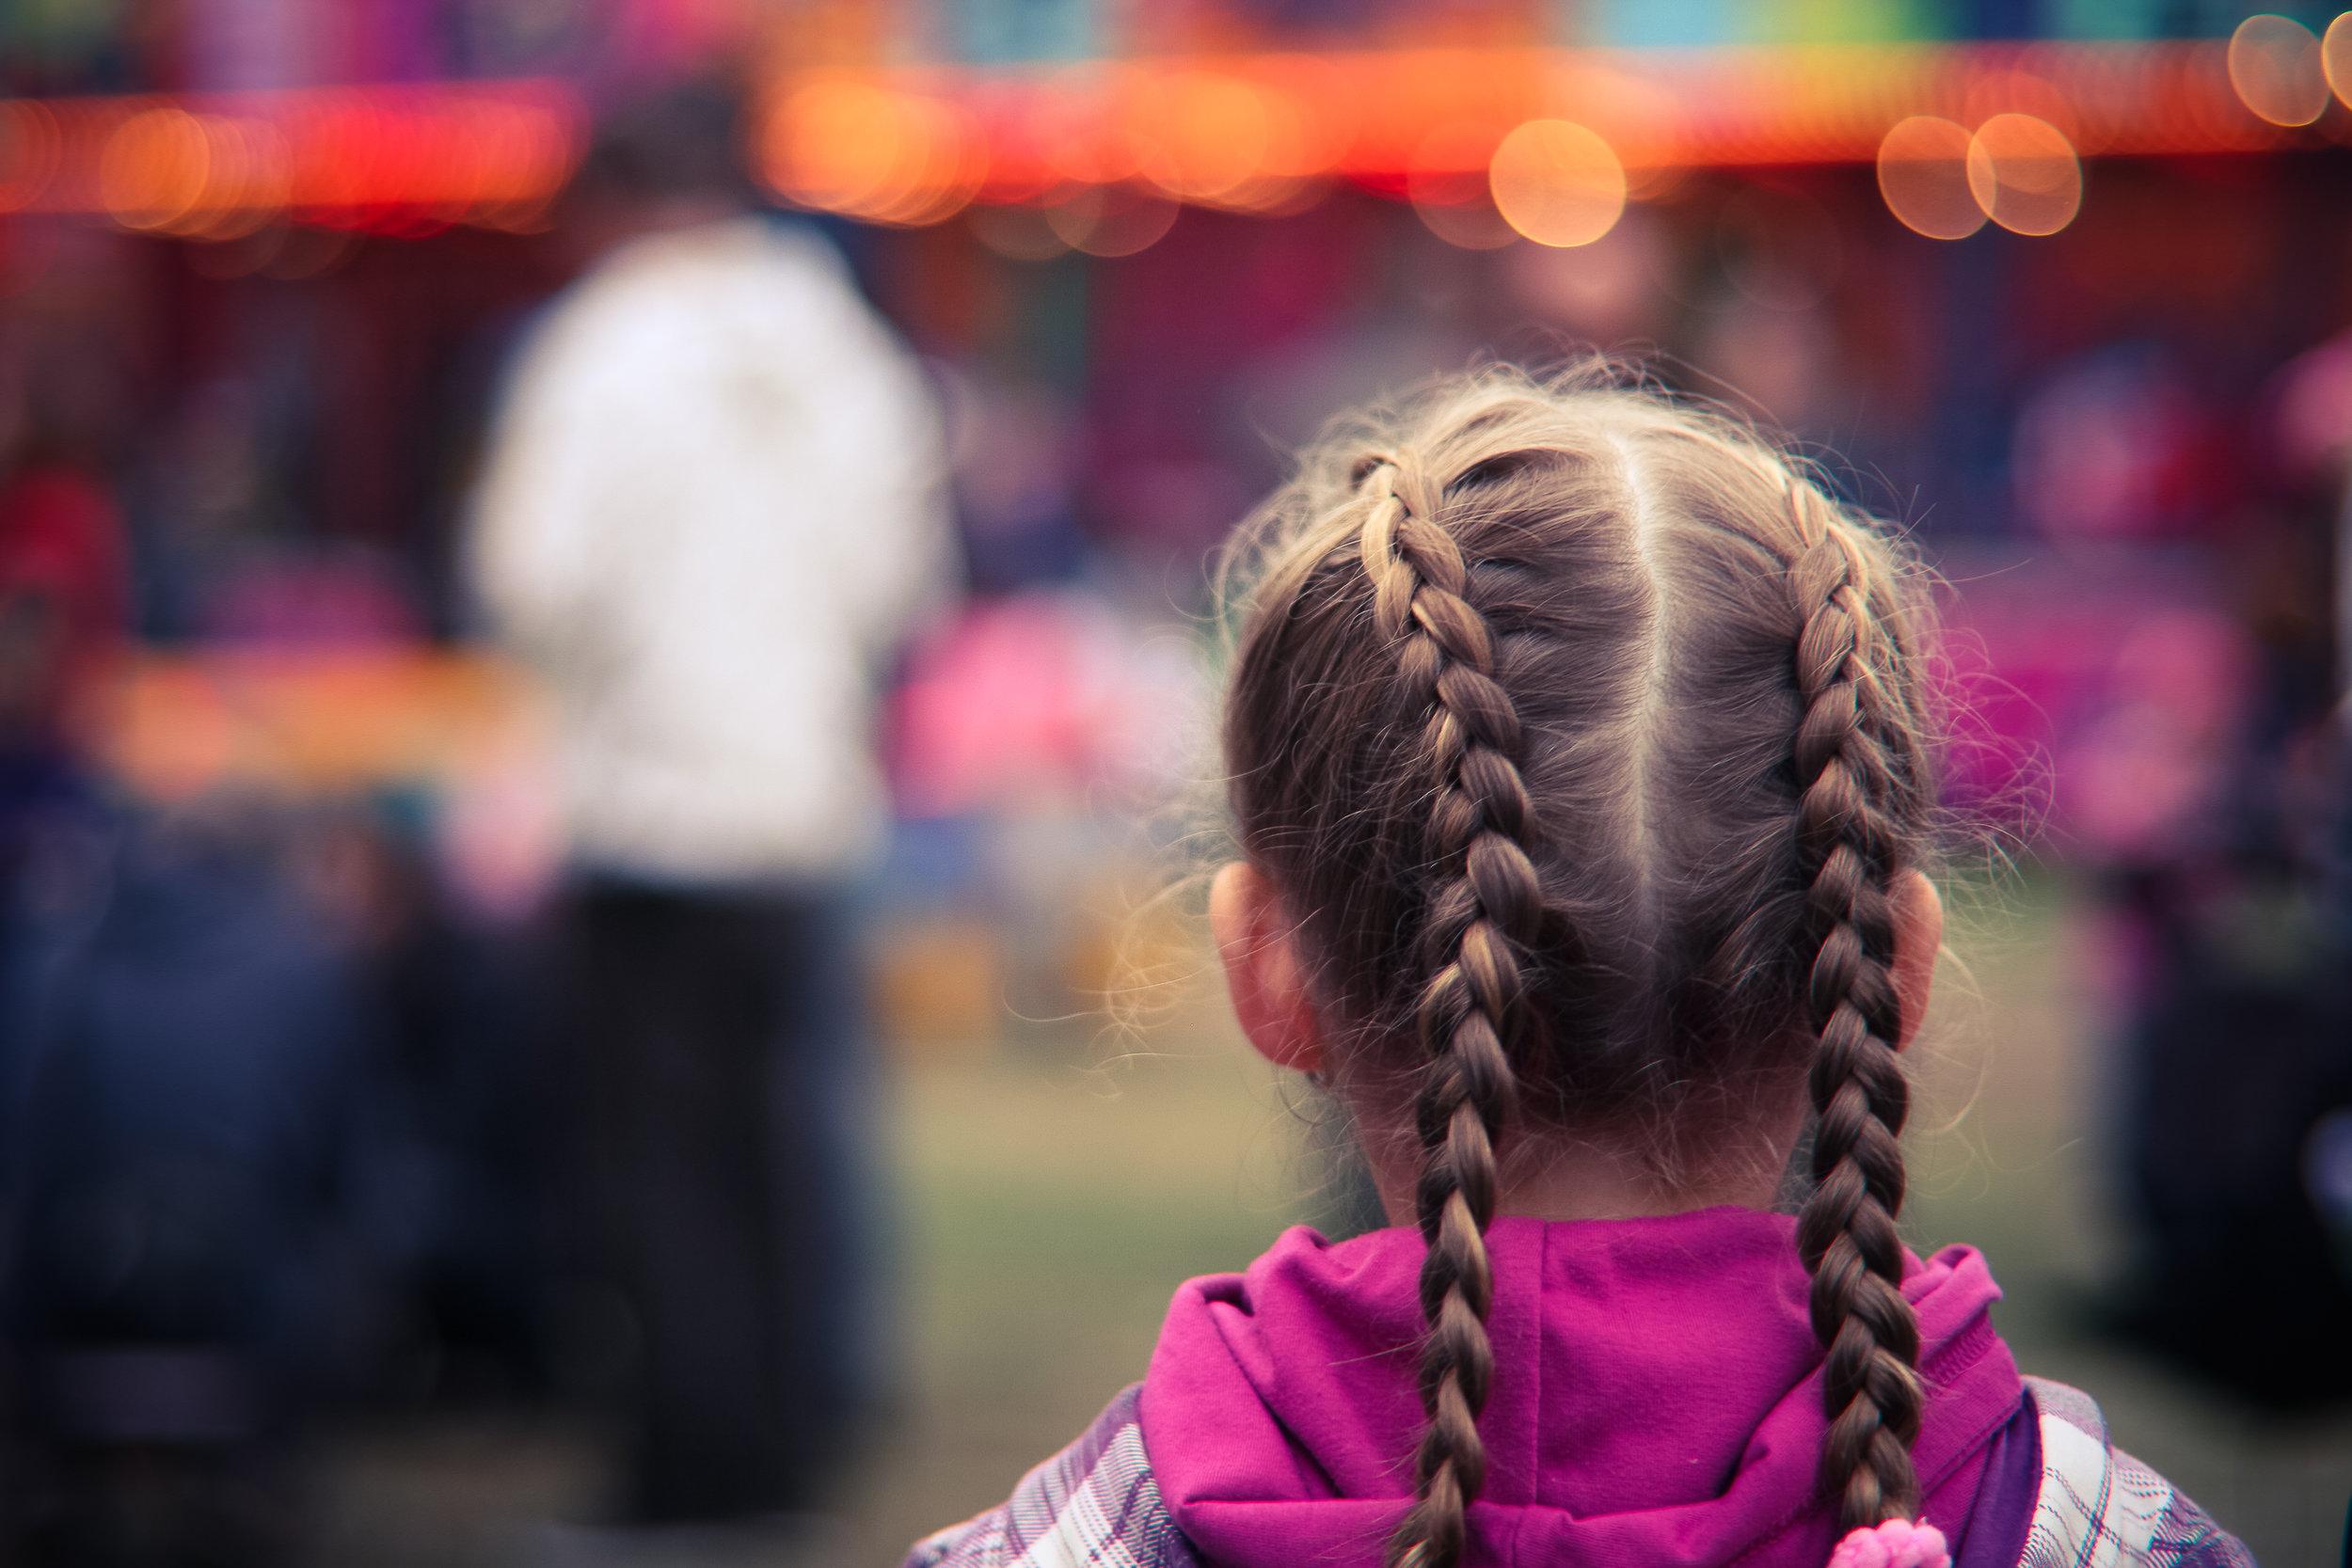 little-girl-in-amusement-park-picjumbo-com.jpg